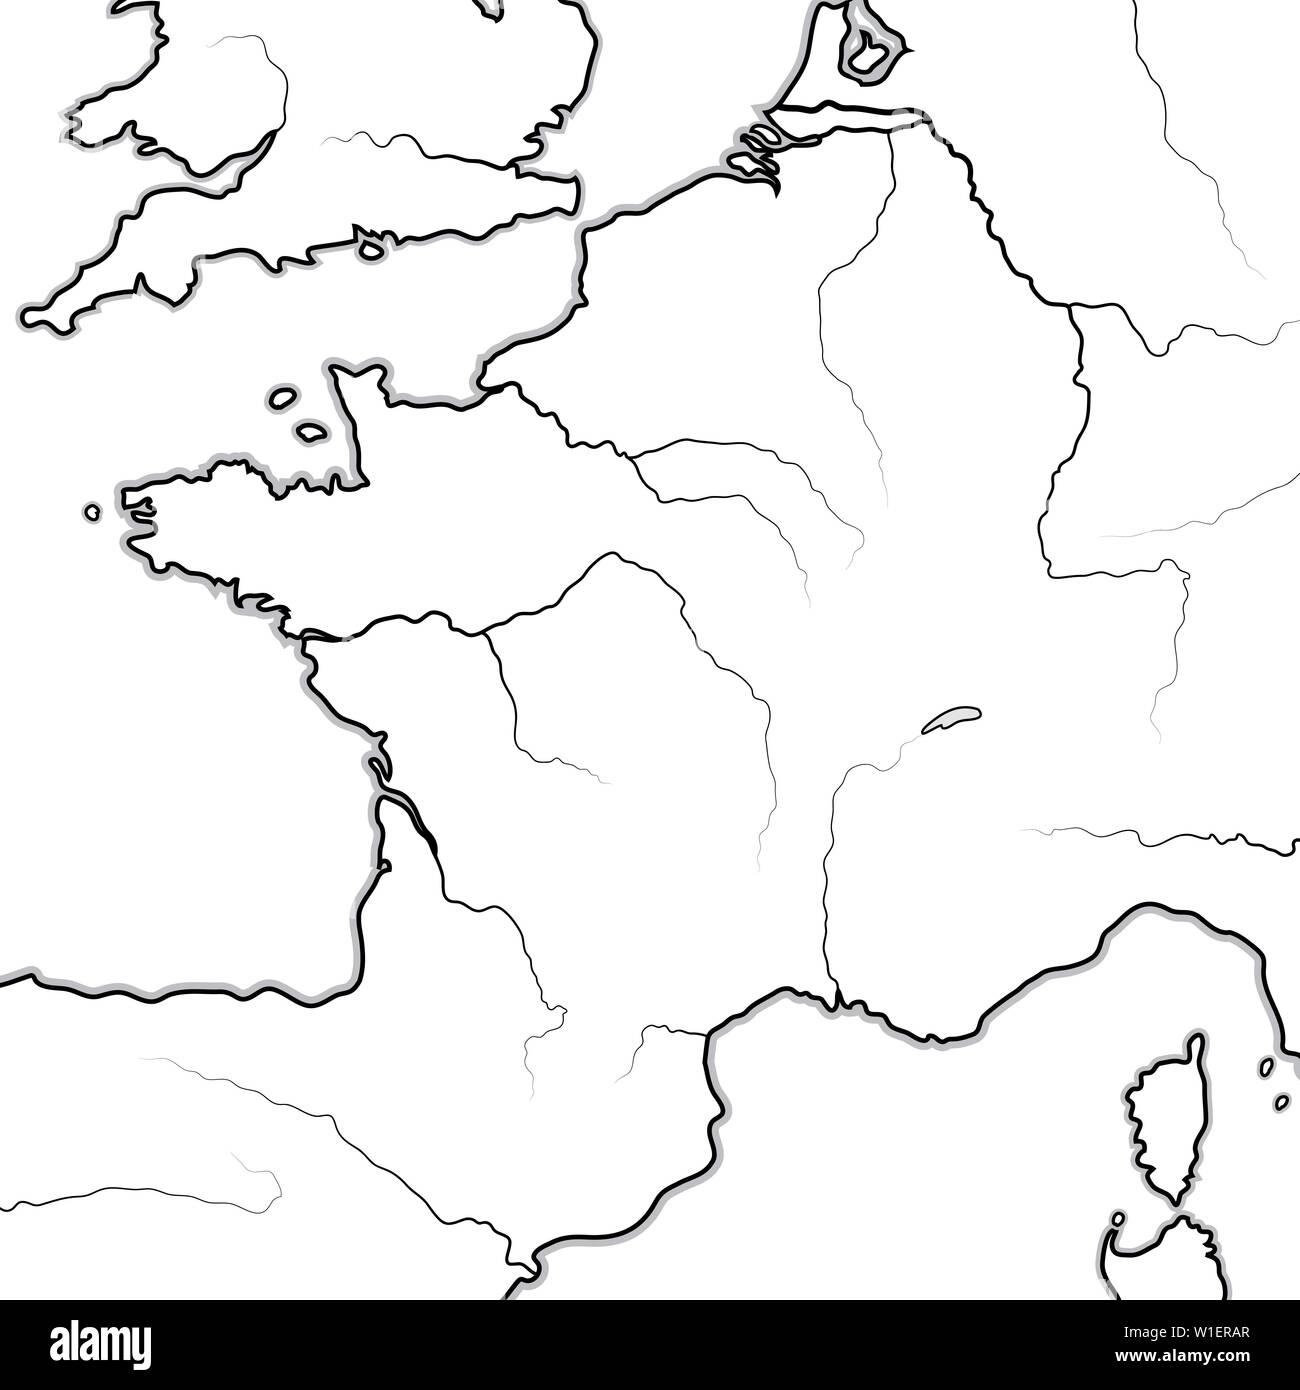 Regionen Frankreich Karte.Karte Der Französischen Land Frankreich Und Seine Regionen île De